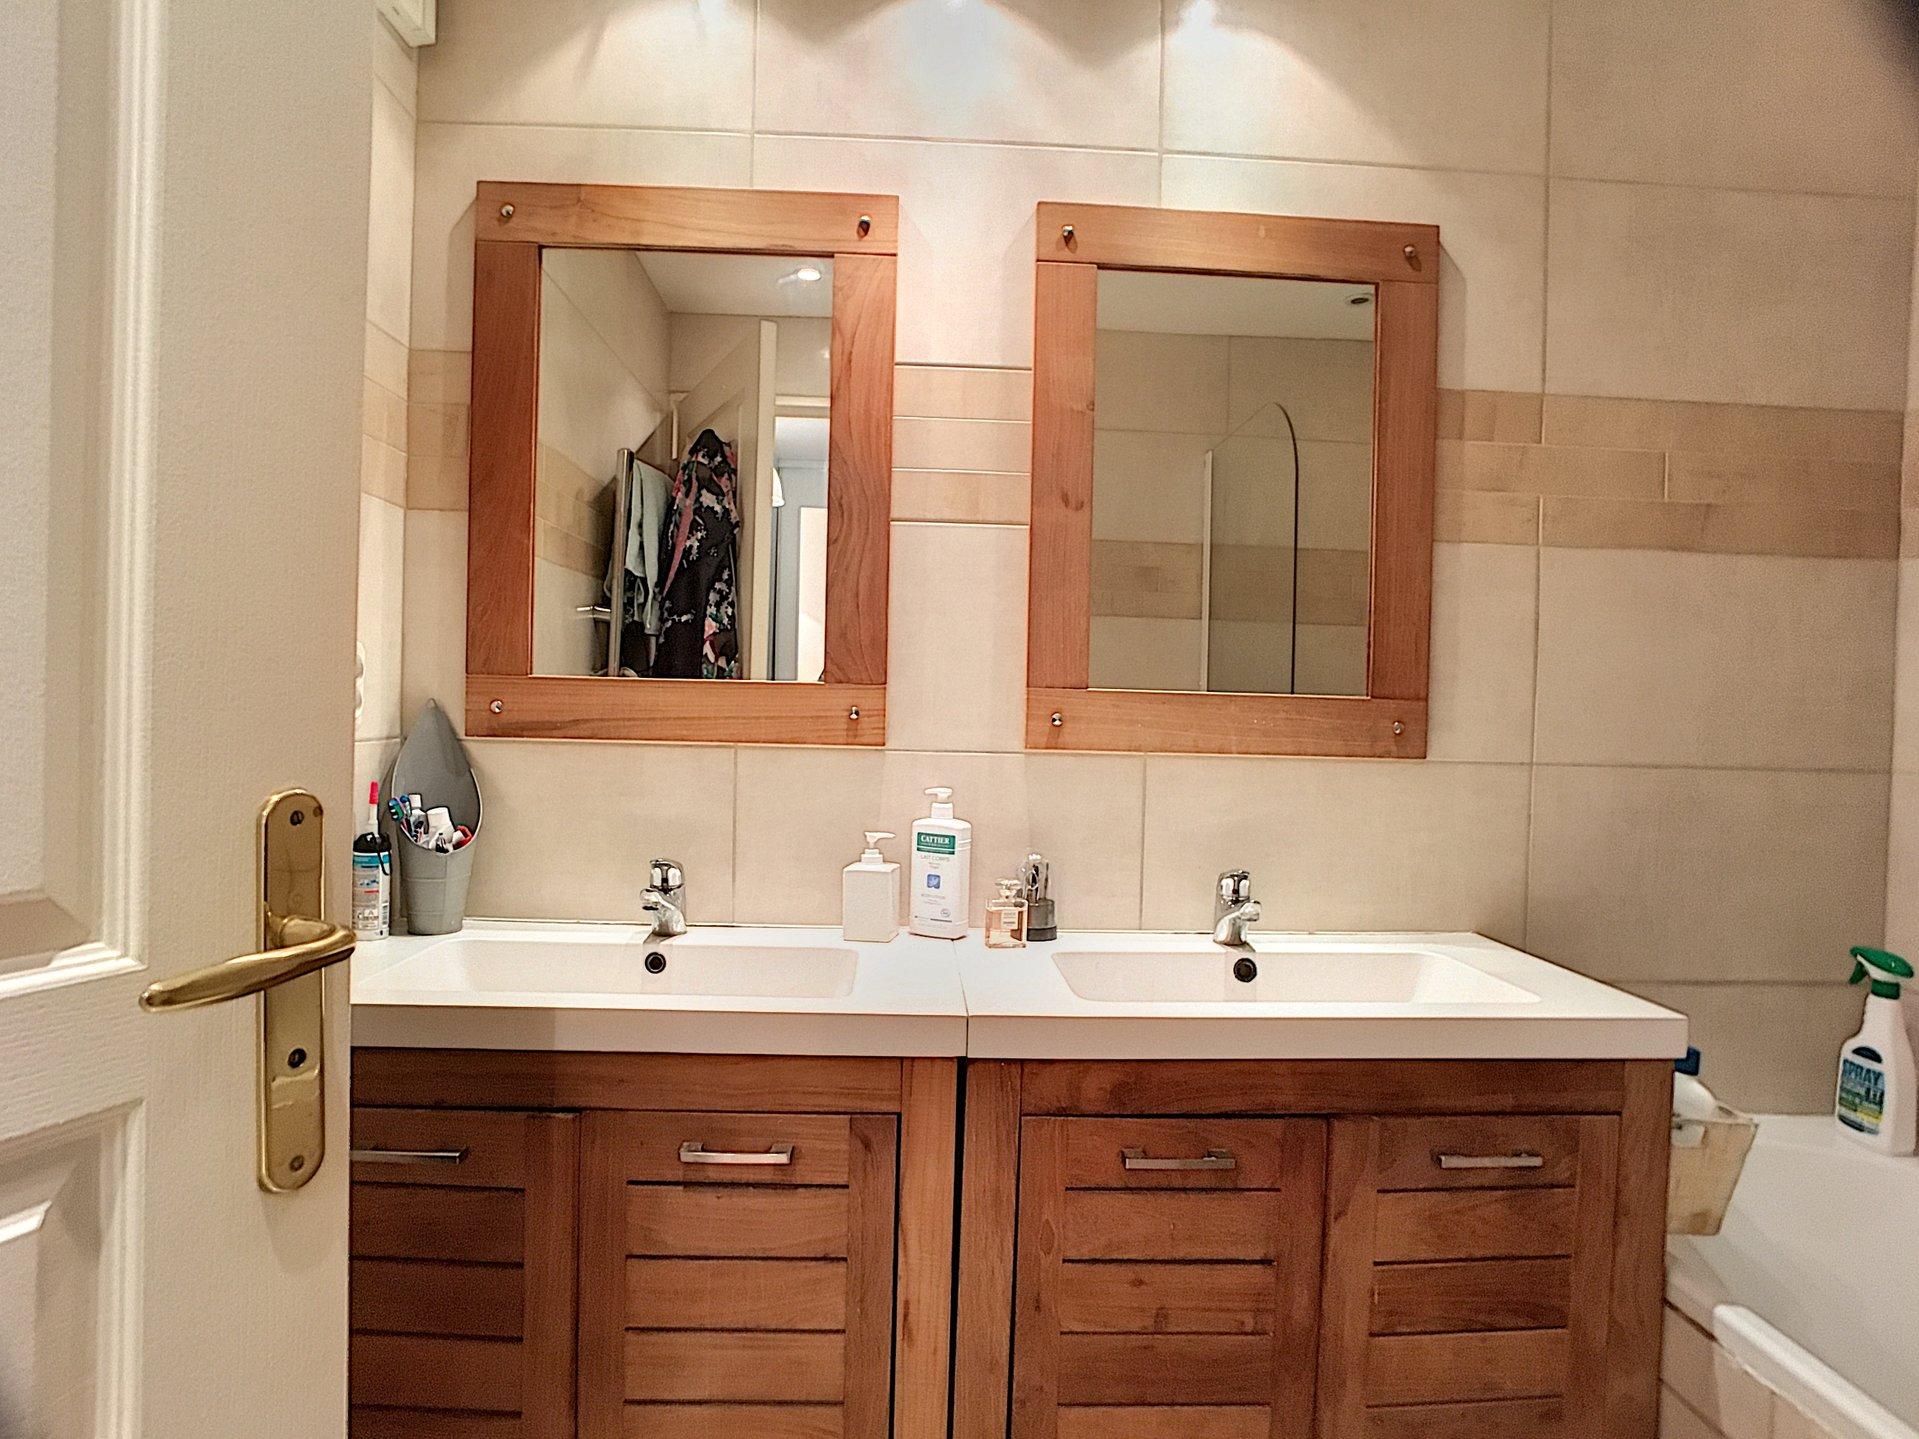 SAINT LAURENT DU VAR (06700) - Appartement duplex - 2 chambres - 3 pièces